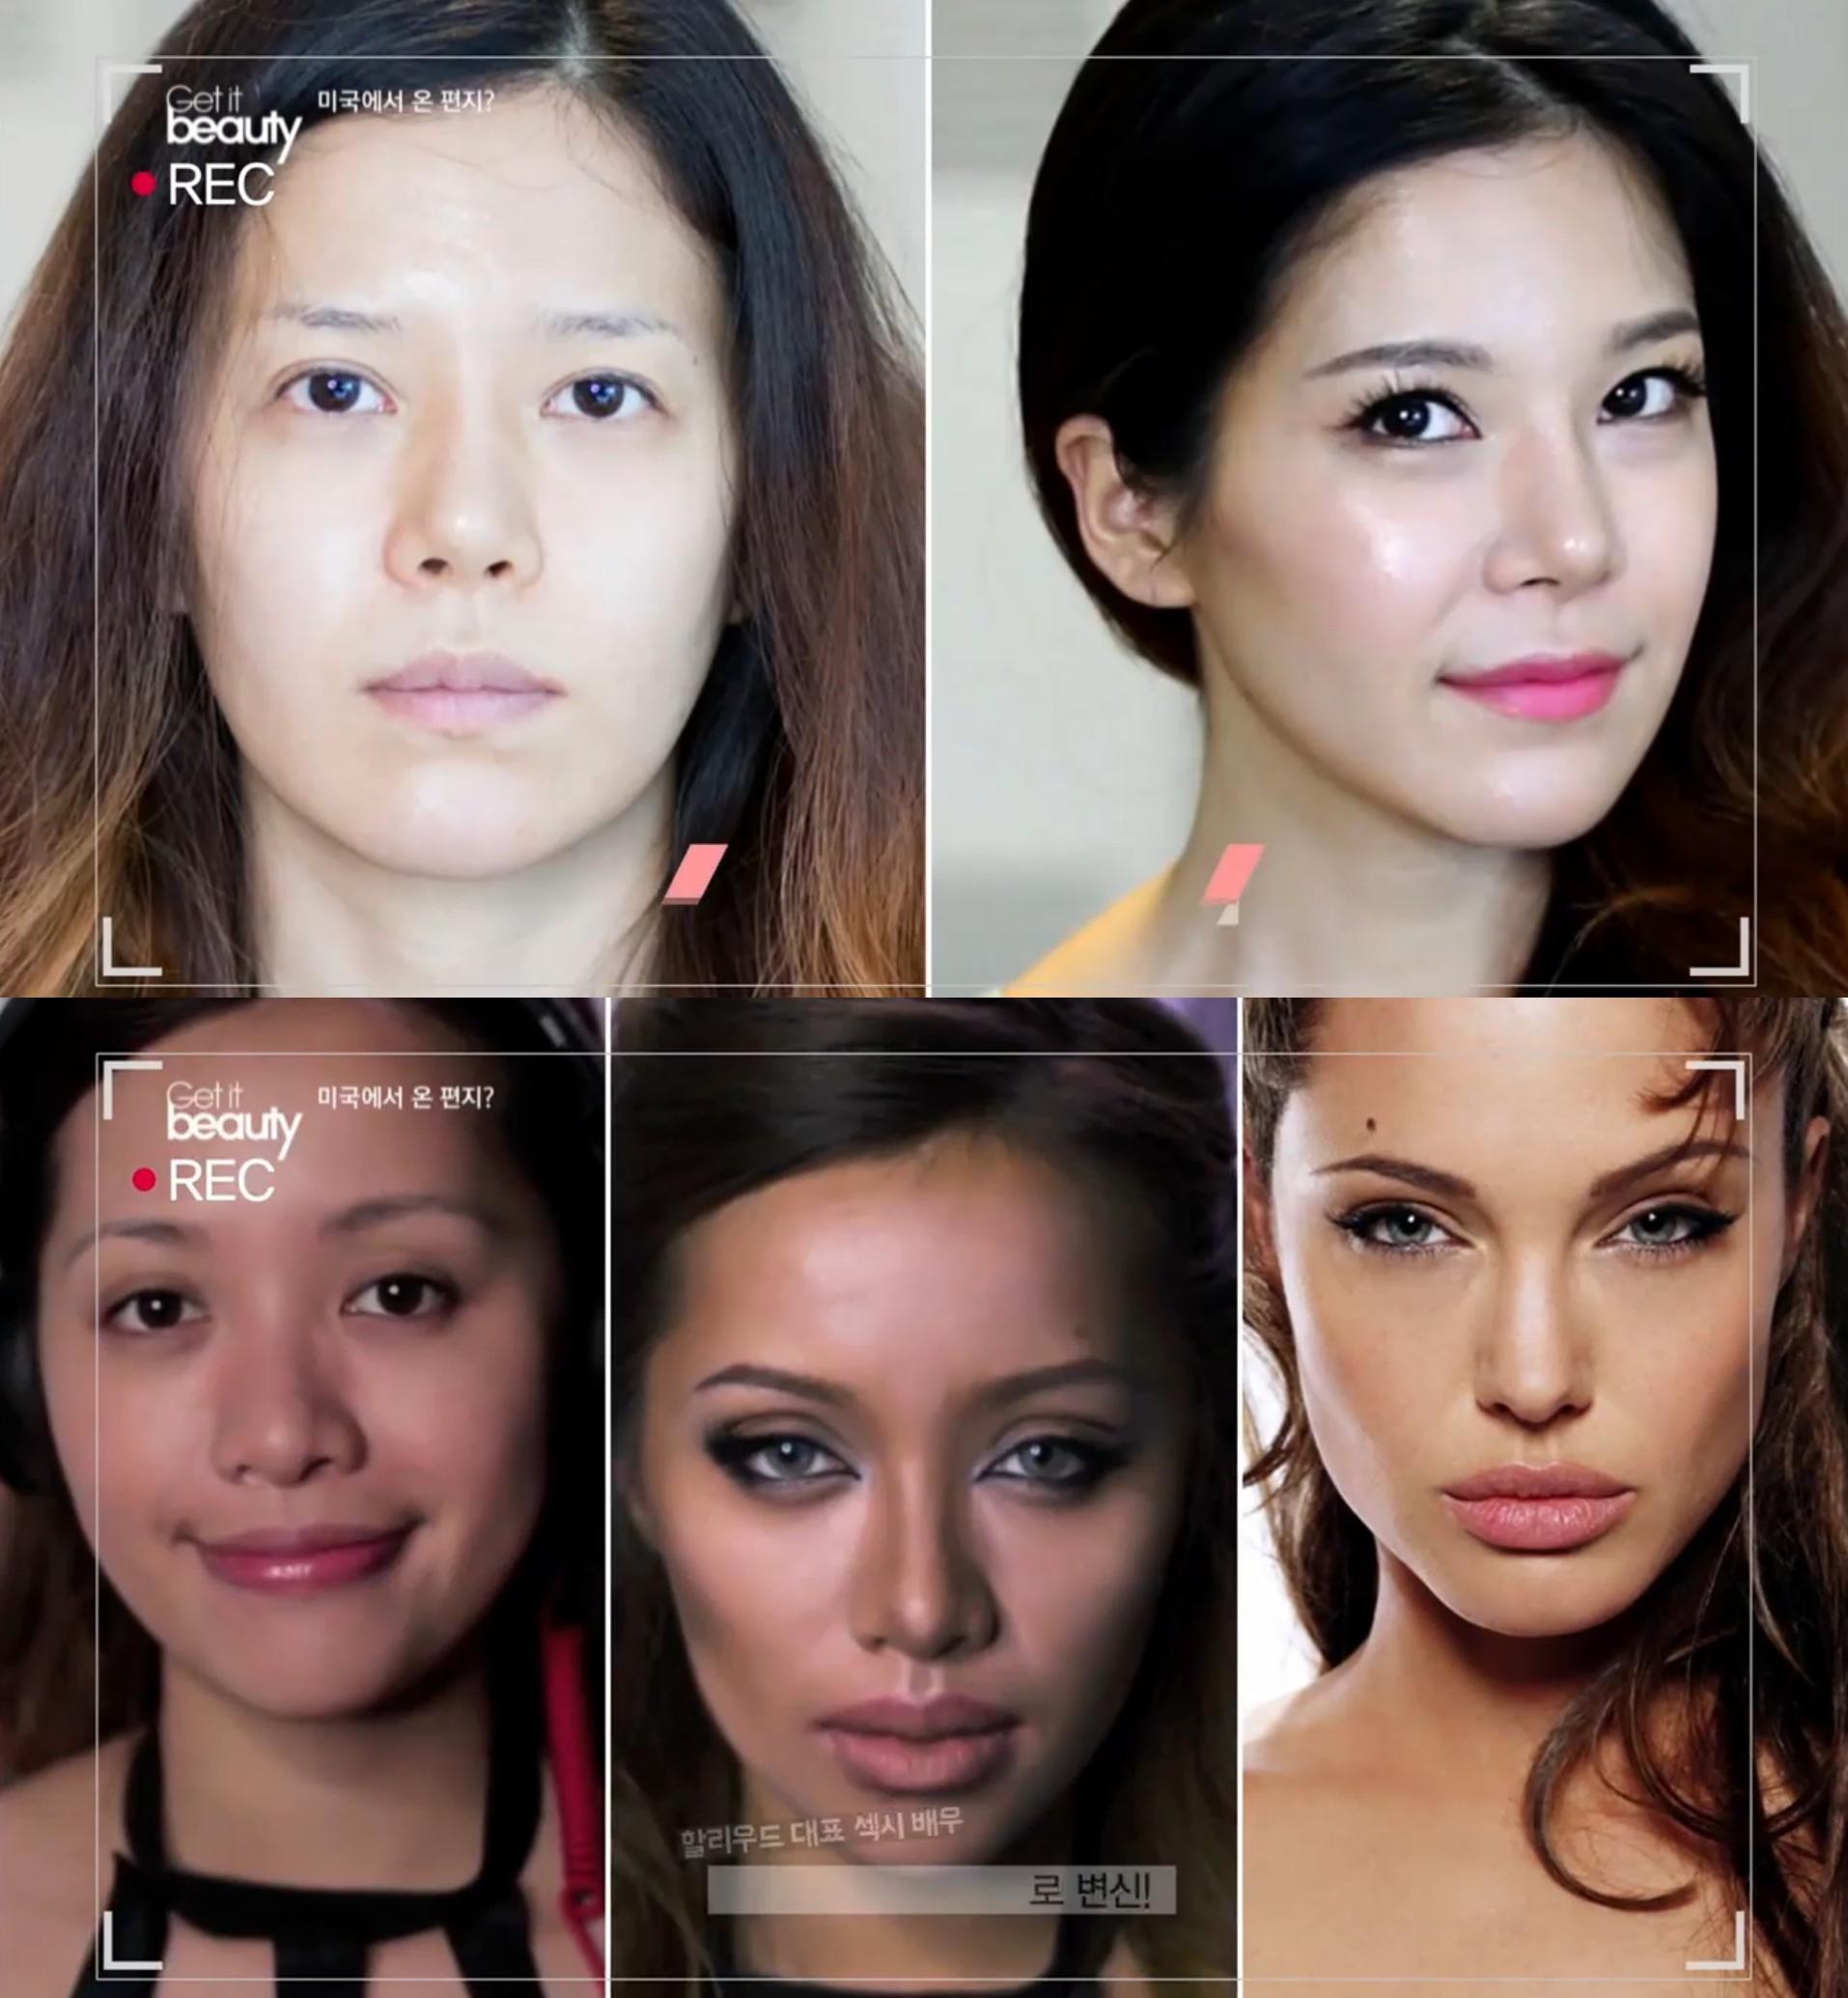 對於化妝有興趣的女生,應該都知道社群網站如Youtube、Instagram上有許多彩妝神人,上完妝完全是兩個人!